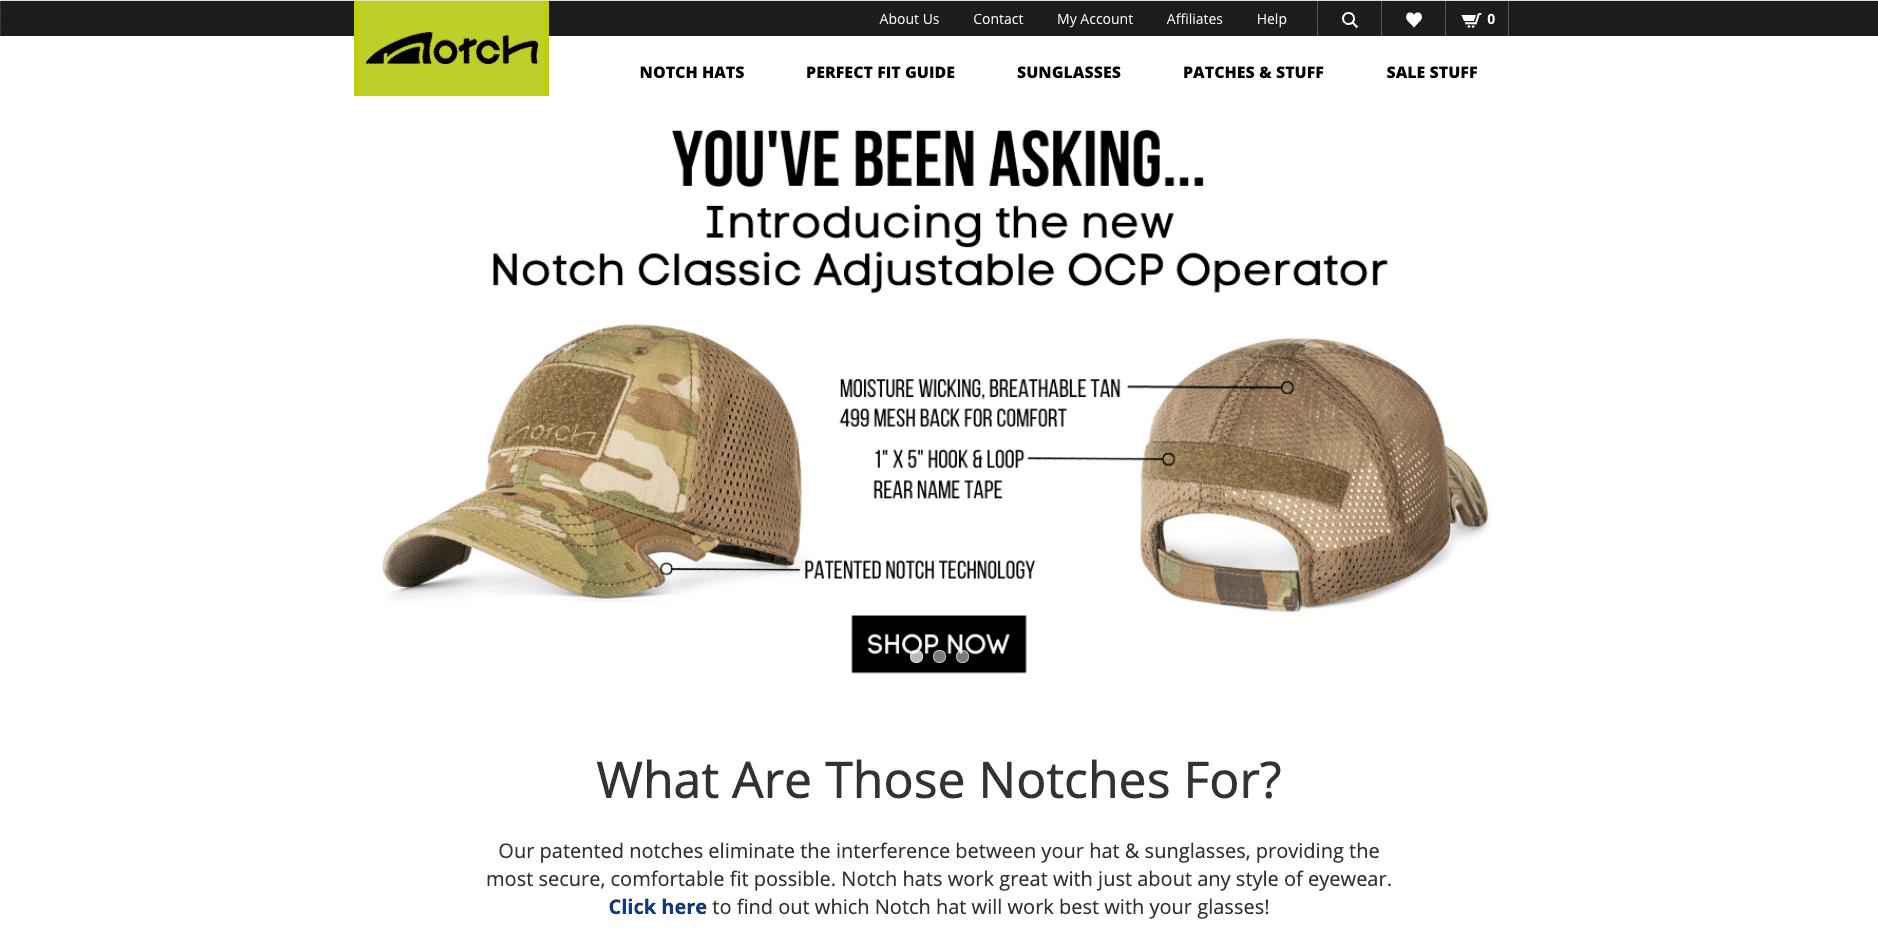 Notch(サングラス着用時に快適な、新しいデザインの帽子)